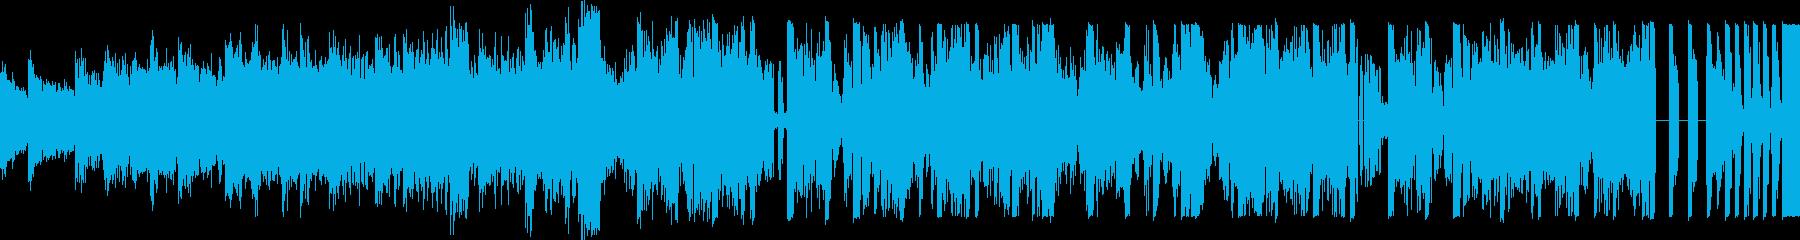 疾走感あるEDM楽曲の再生済みの波形